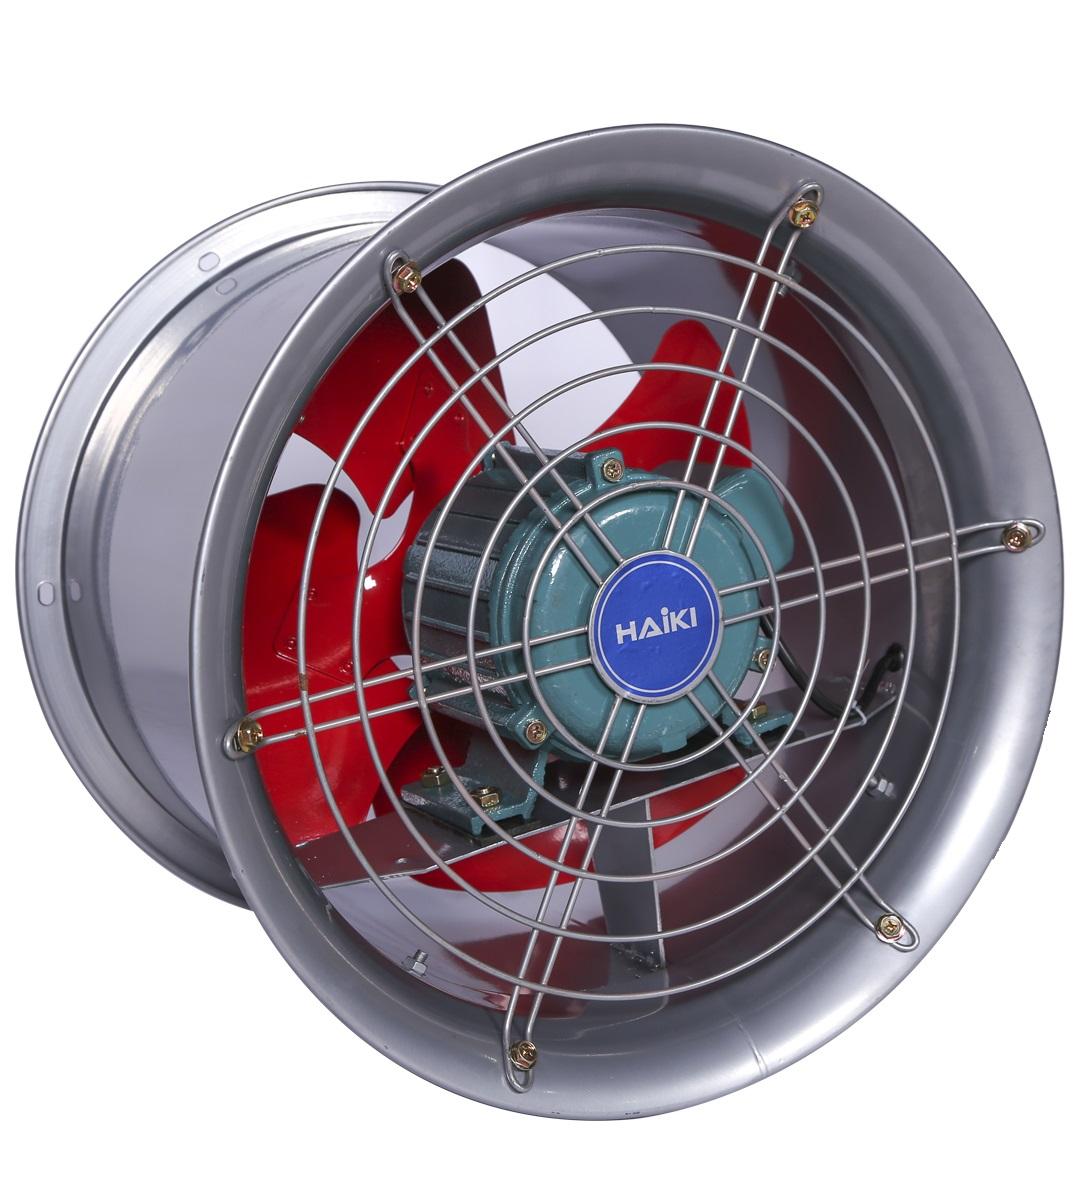 Quạt thông gió công nghiệp HAIKI HKS-30G, Ø 30cm, 380V công suất 120W